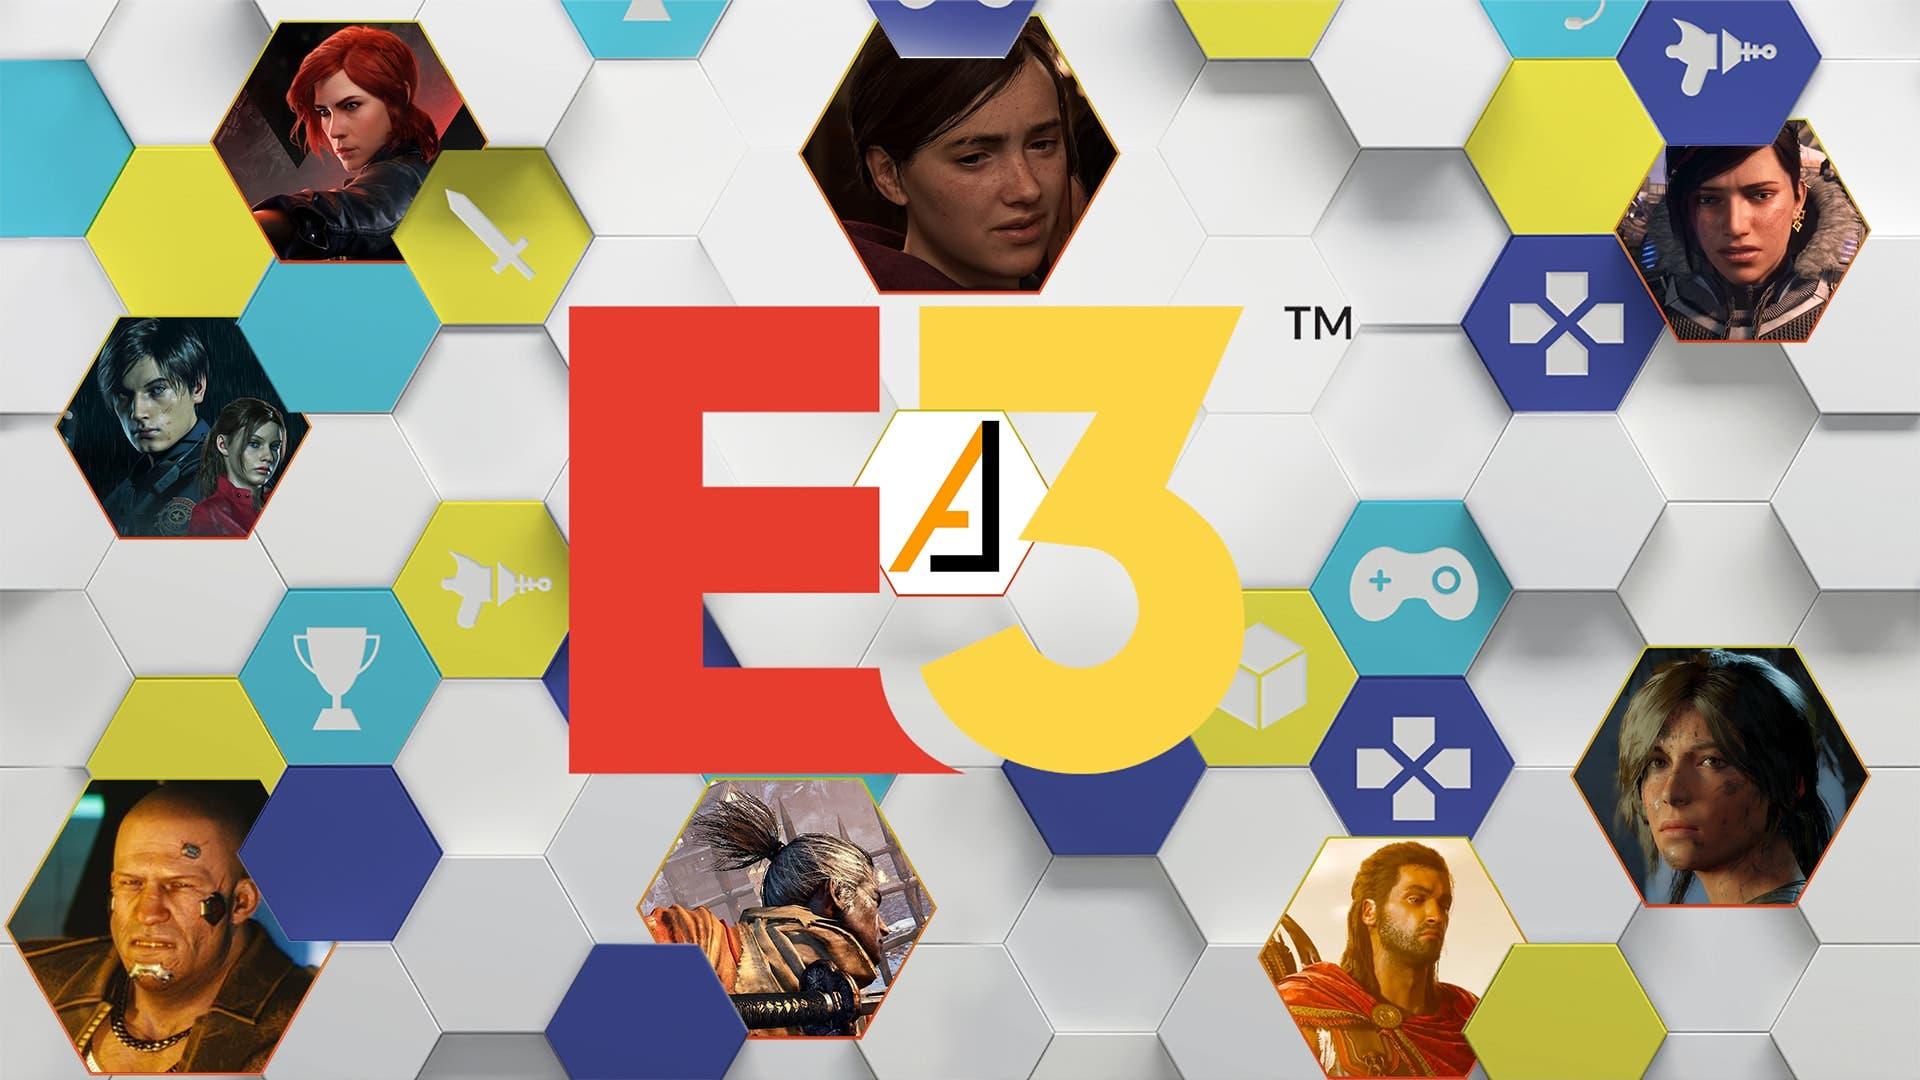 Imagen de E3 2018: Premios a los mejores juegos por categorías